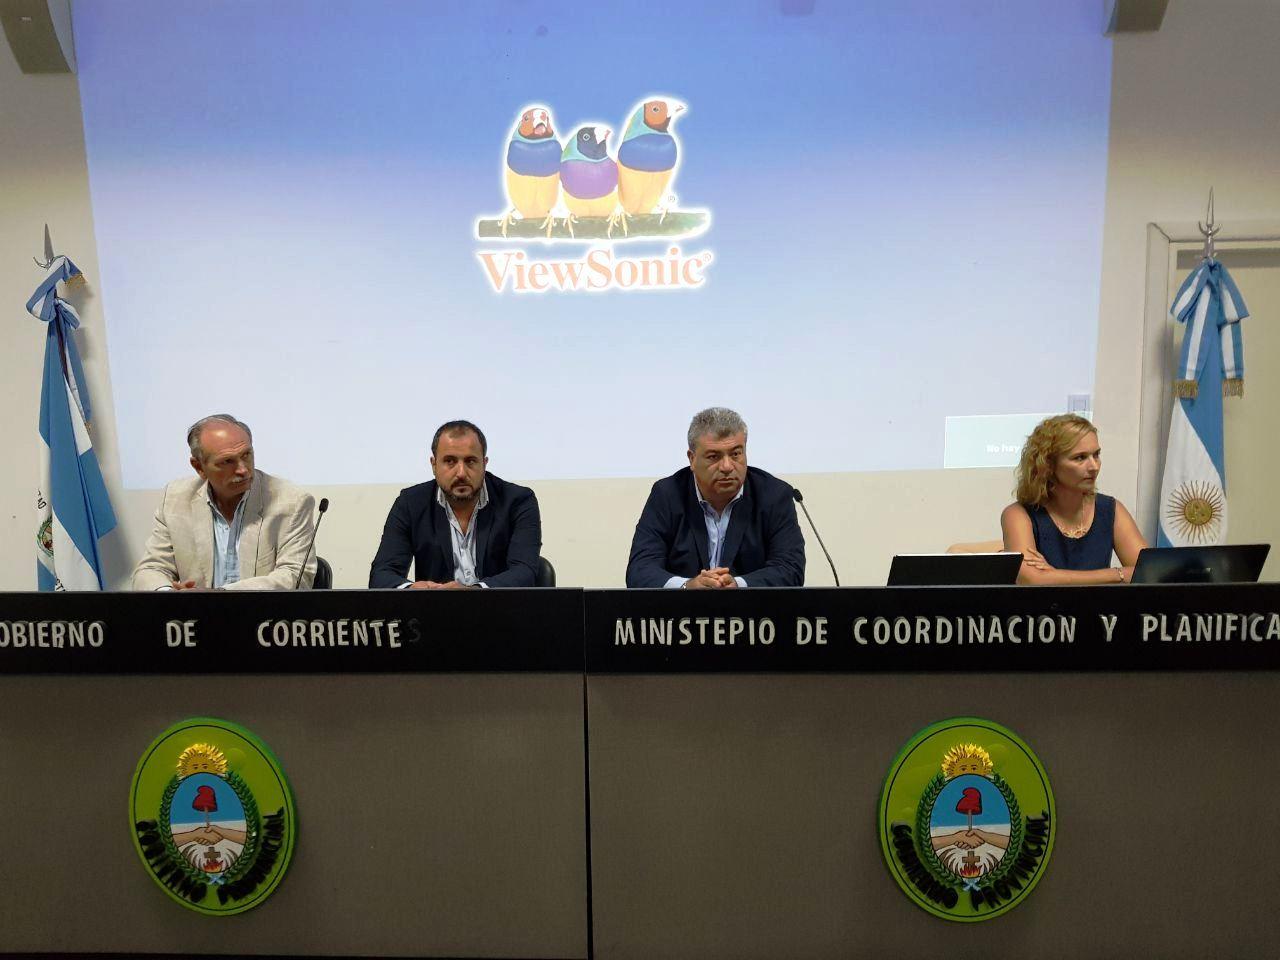 El Ministro Ortega dejó inauguro las jornadas de Capacitación para la Elaboración de Mapas de Riesgo